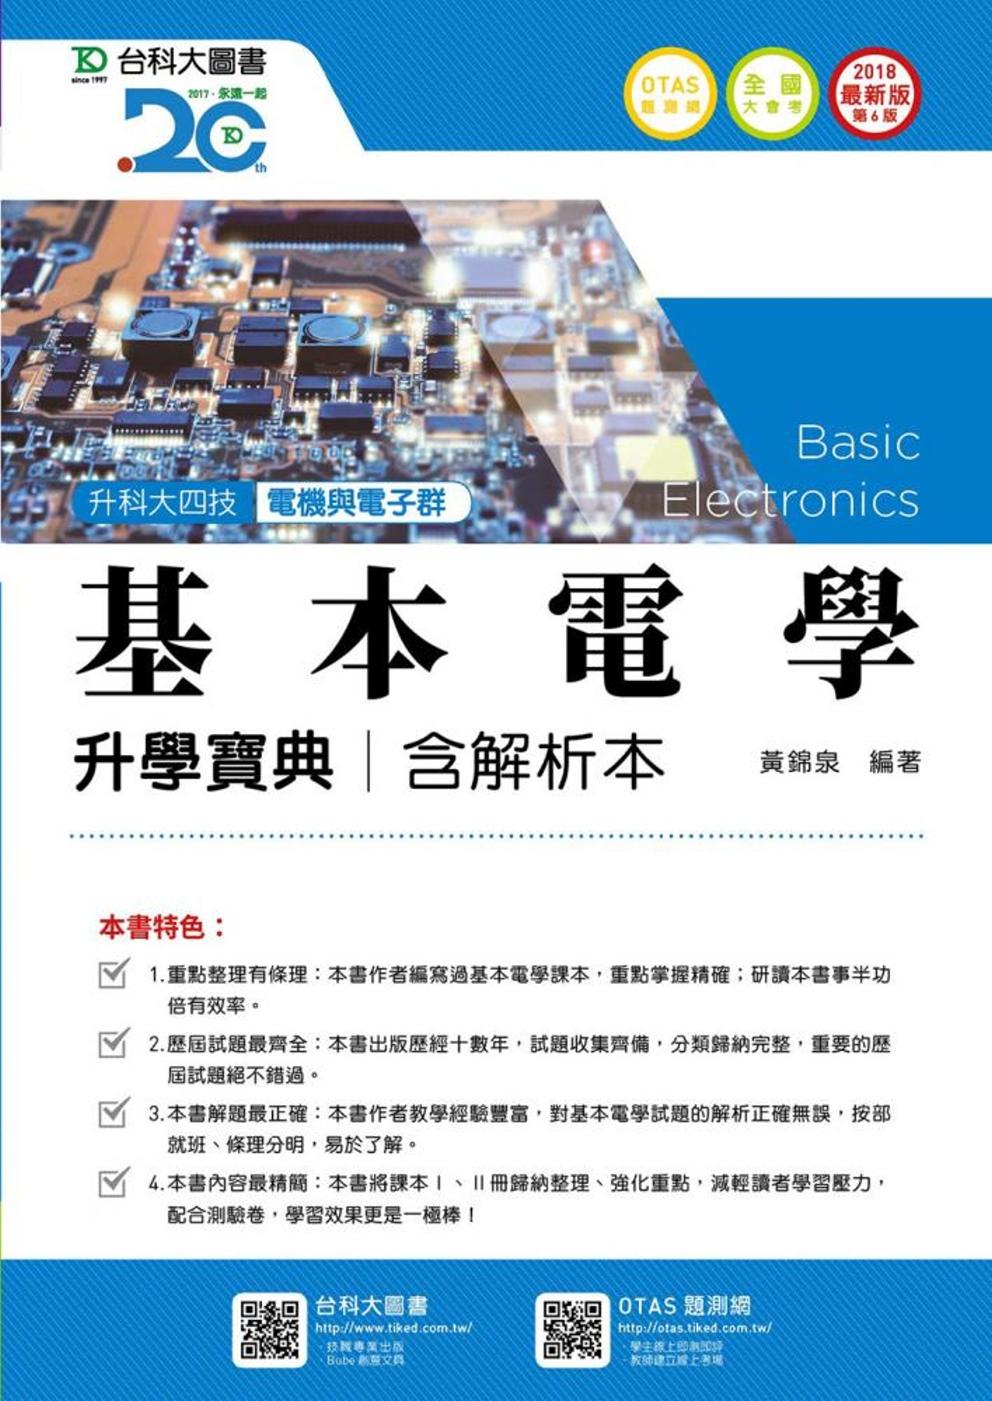 升科大四技電機與電子群基本電學升學寶典含解析本 - 2018年最新版(第六版)(附贈OTAS題測系統)